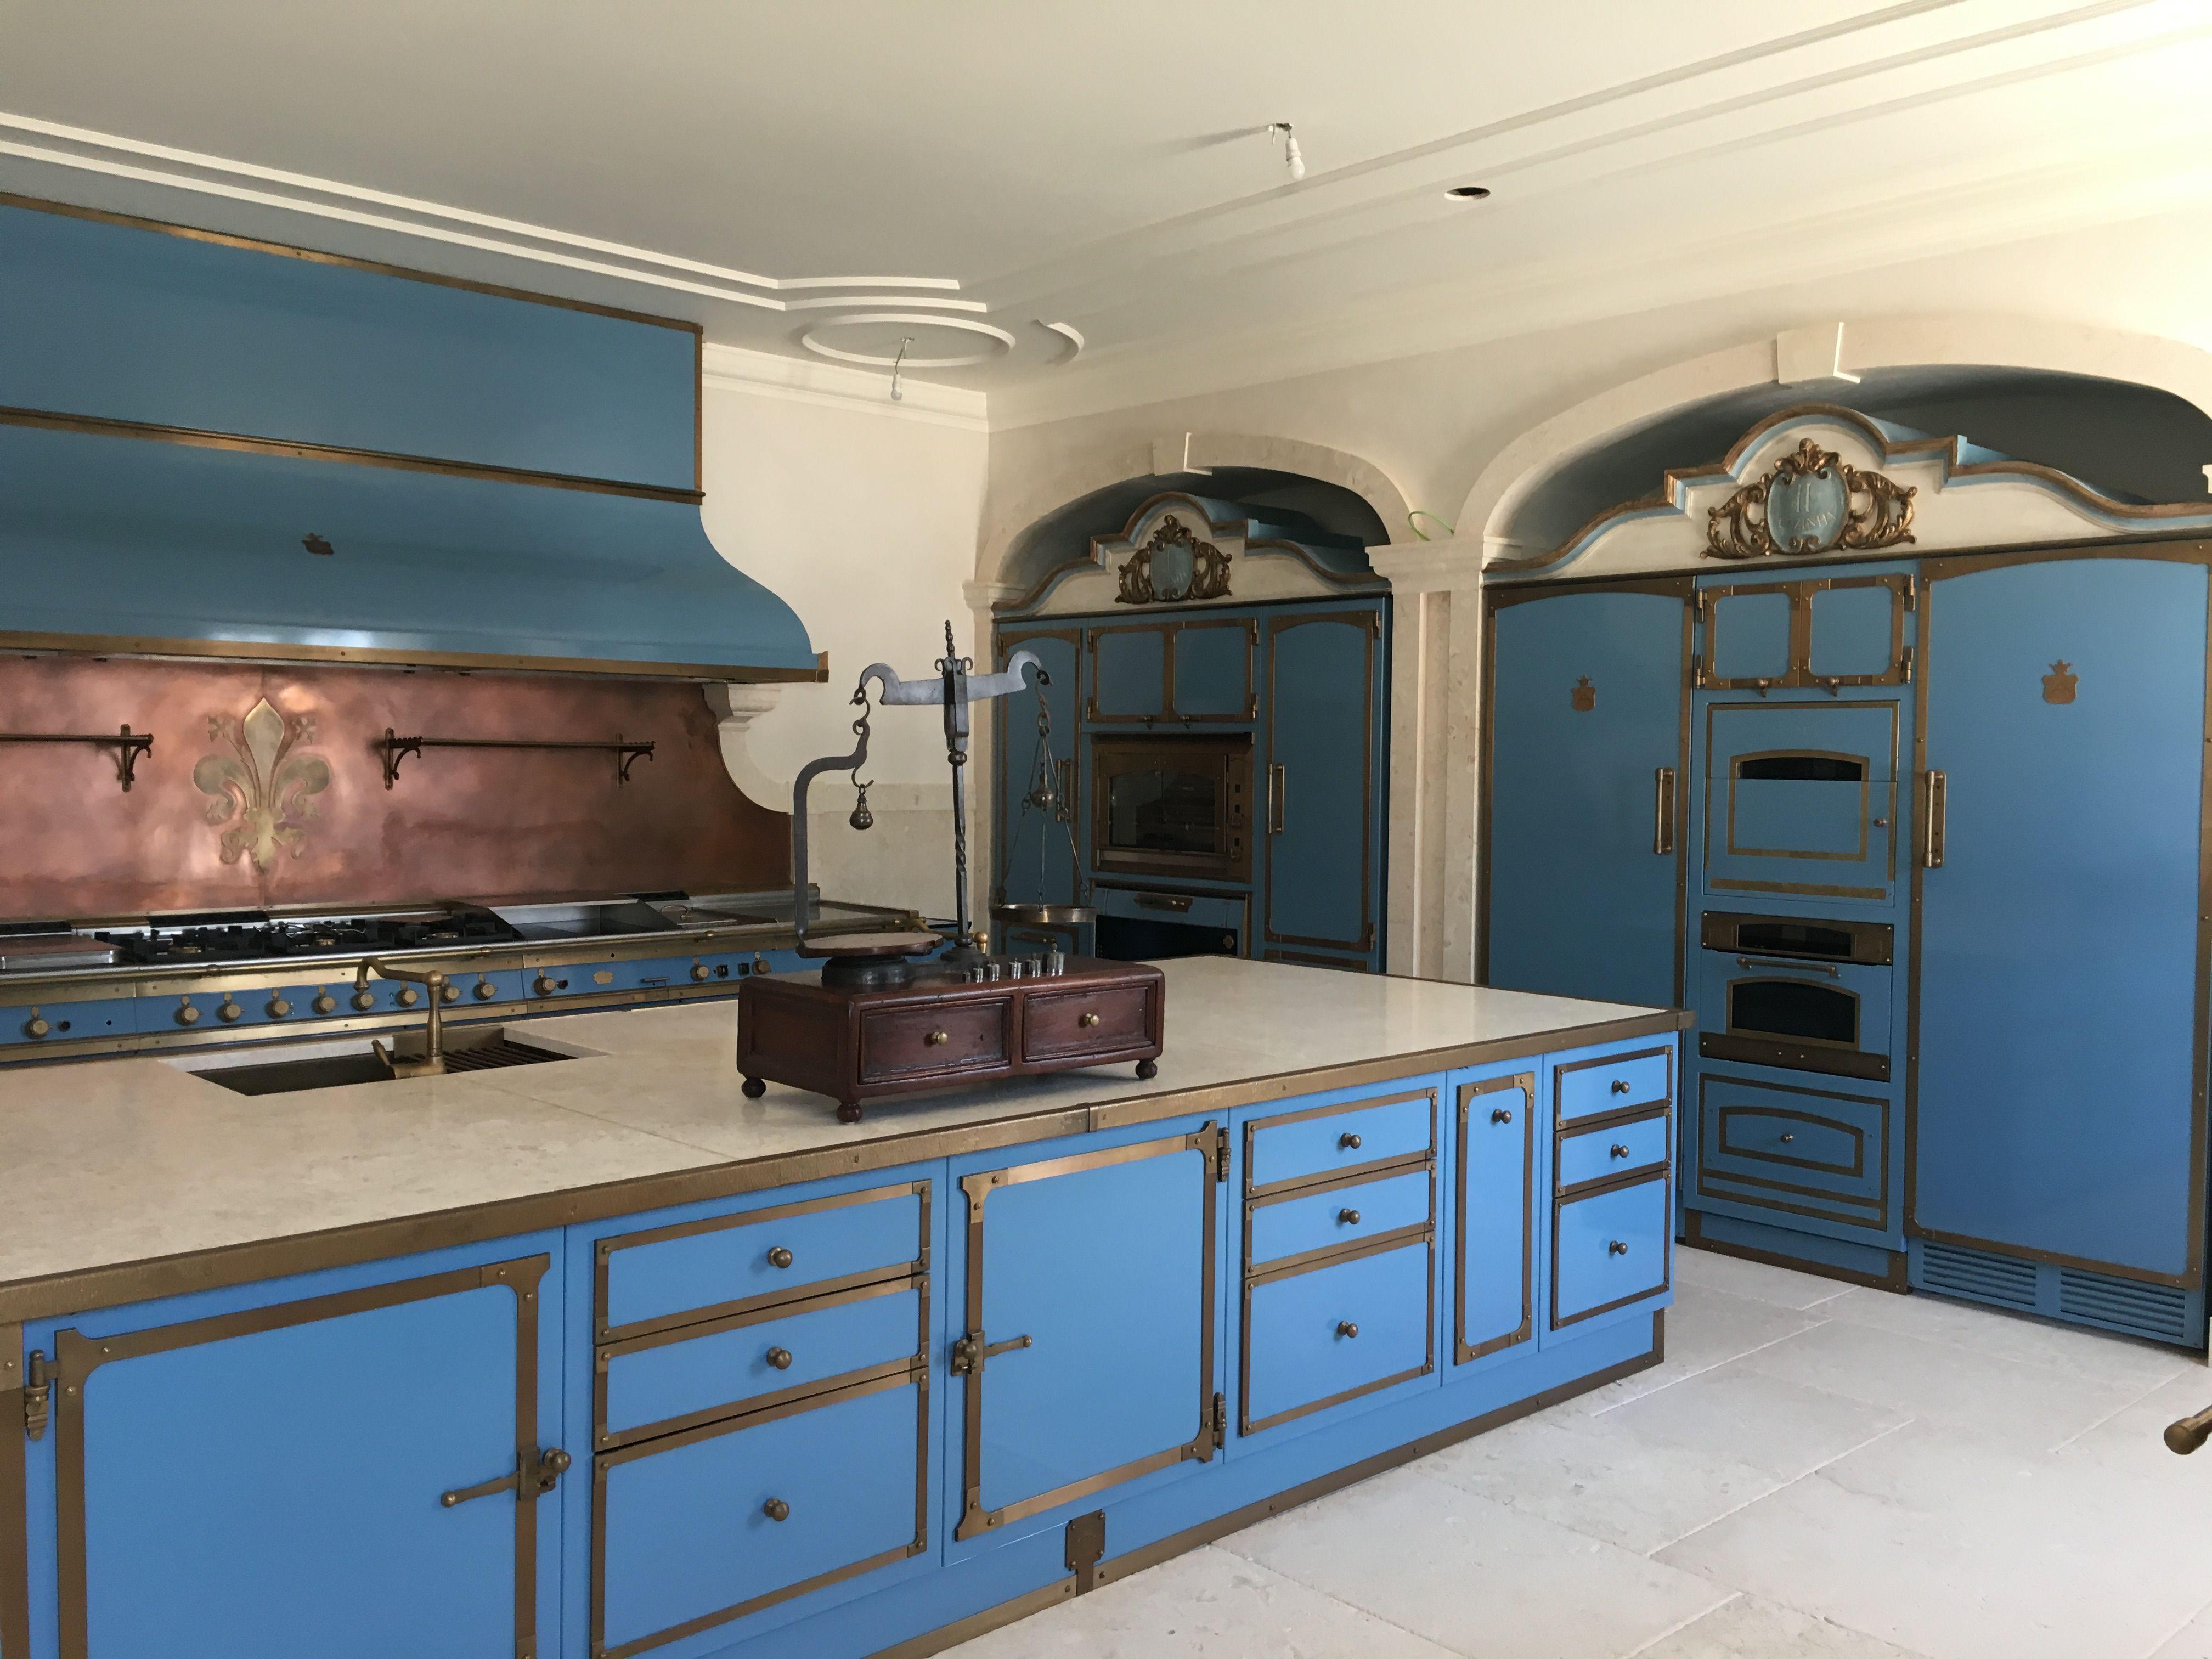 Küchendesign im freien pin von bjoern meinke auf luxus und outdoor bis normale bis groß